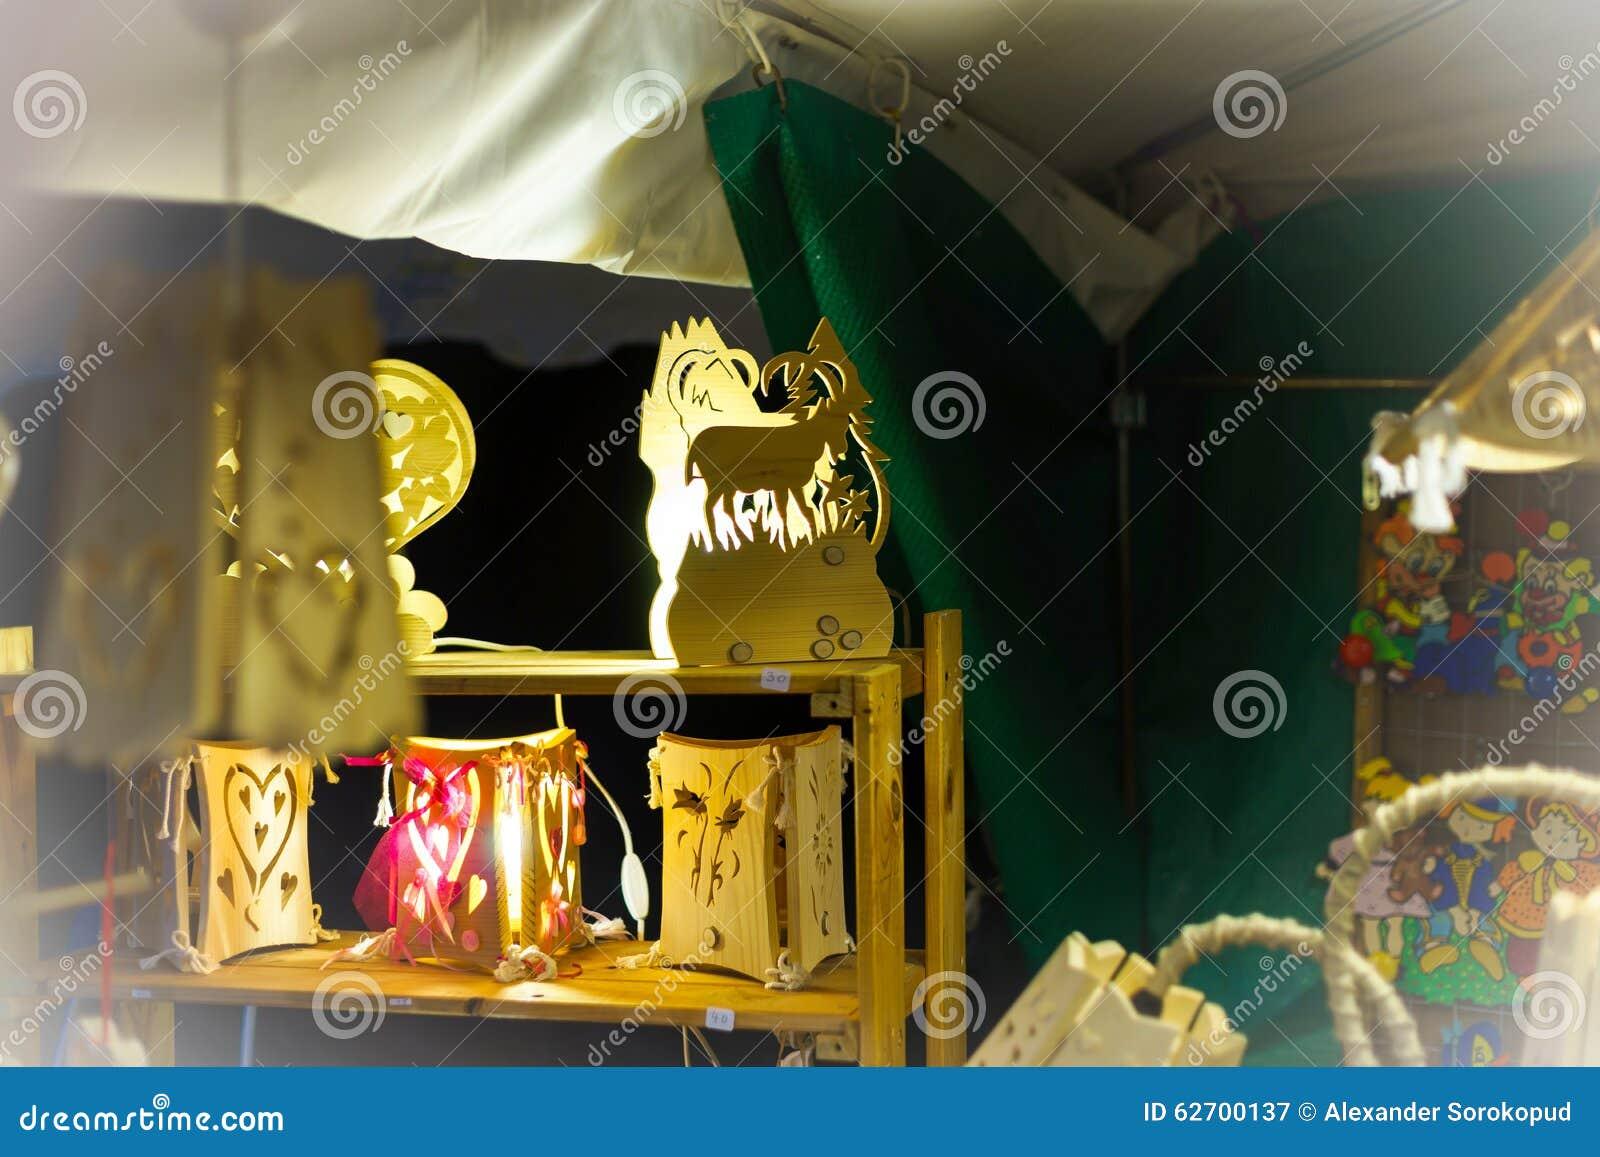 Παραδοσιακή αγορά Χριστουγέννων με τα χειροποίητα αναμνηστικά